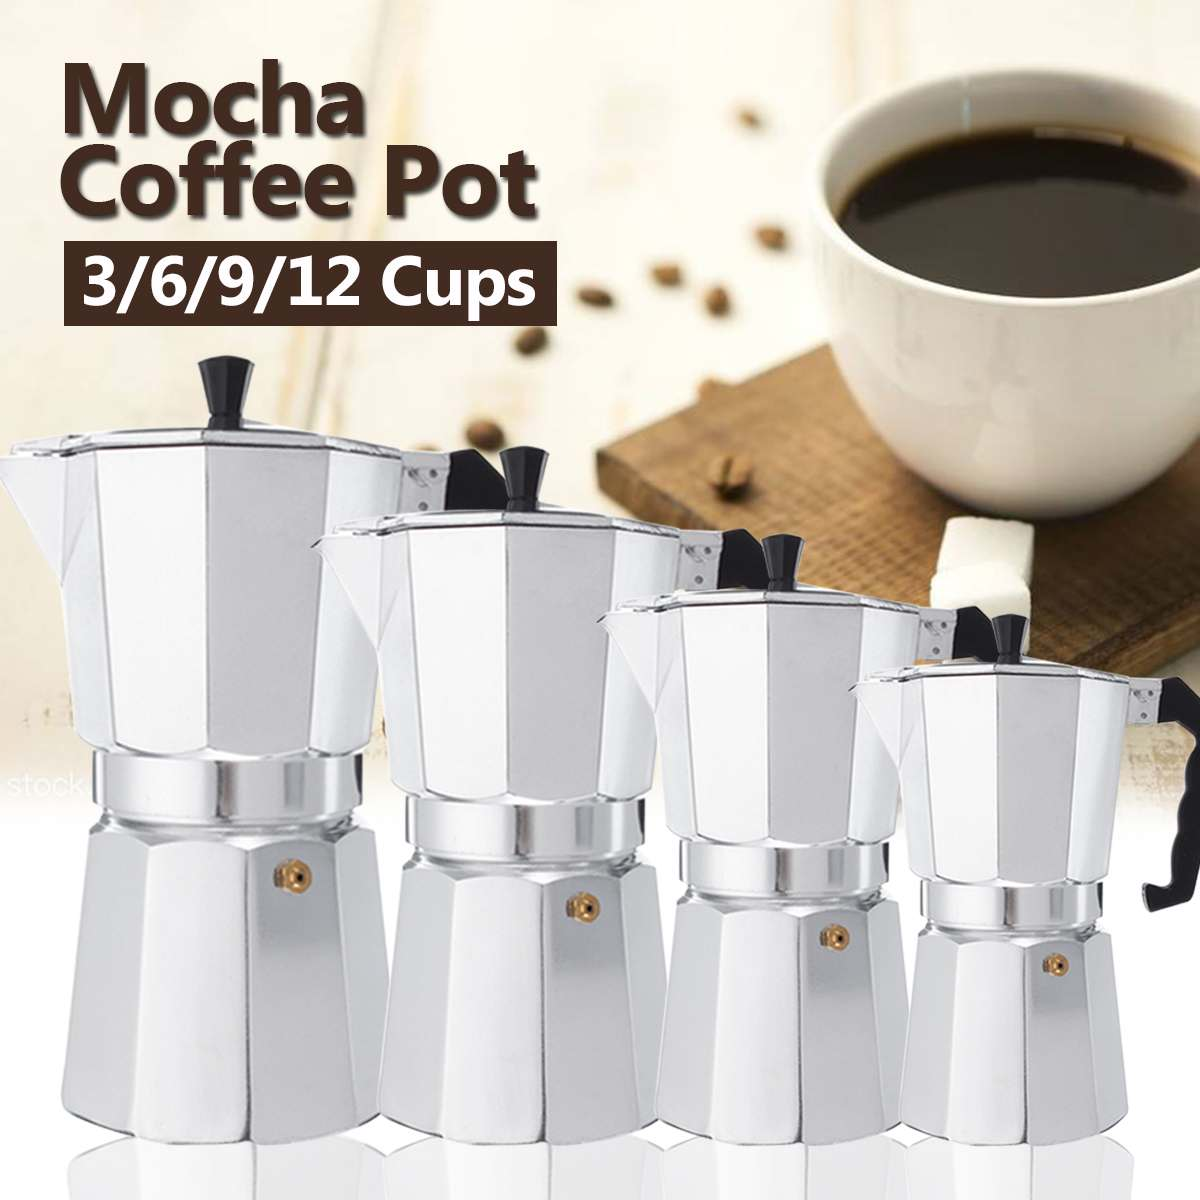 600ml Cafeteras Caf/é italianas Moka Pot Coffee Baking Caf/é Express Octagonal Aluminio